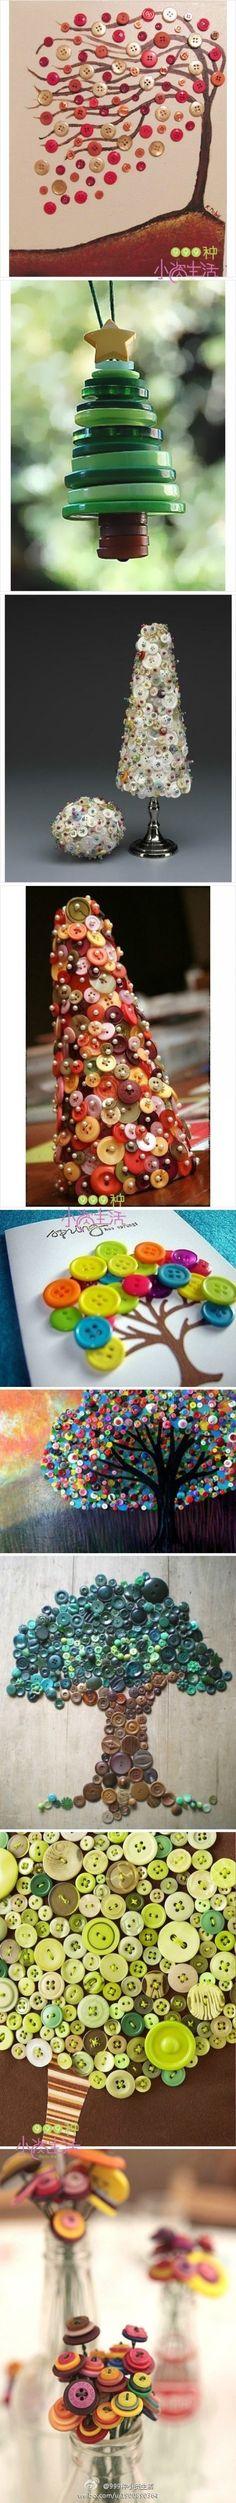 bomen gemaakt van knopen